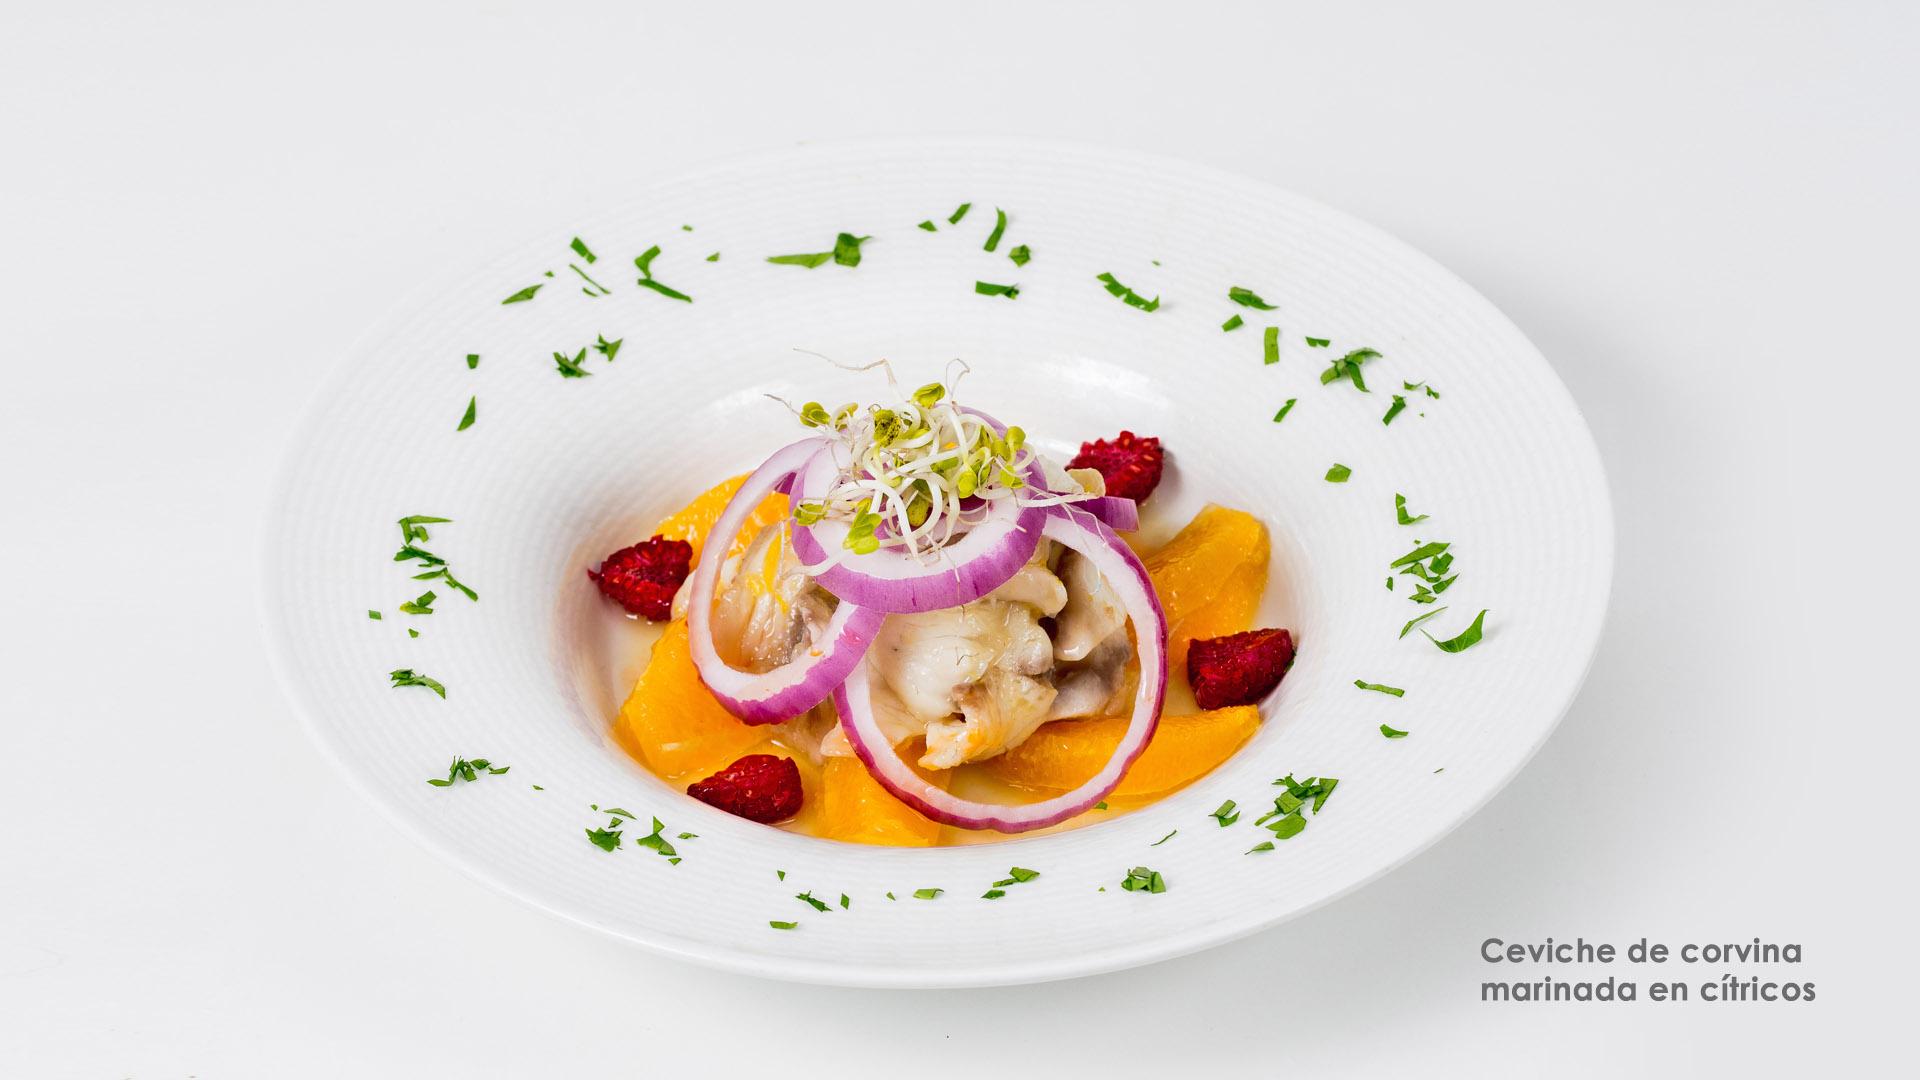 Ceviche de corvina marinada en cítricos